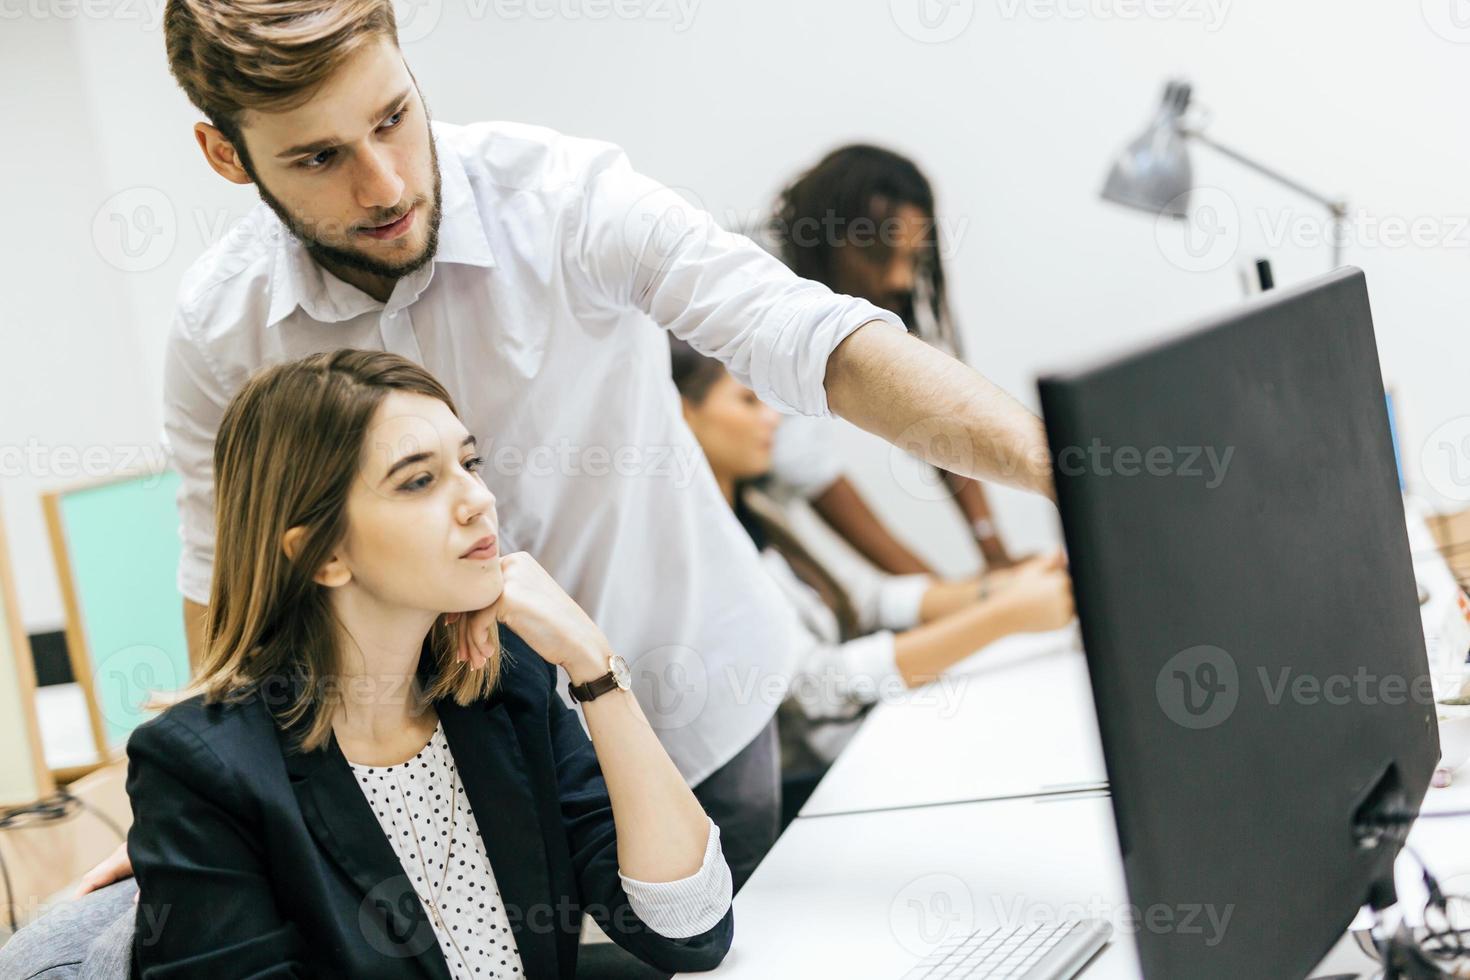 mensen uit het bedrijfsleven in office werken foto